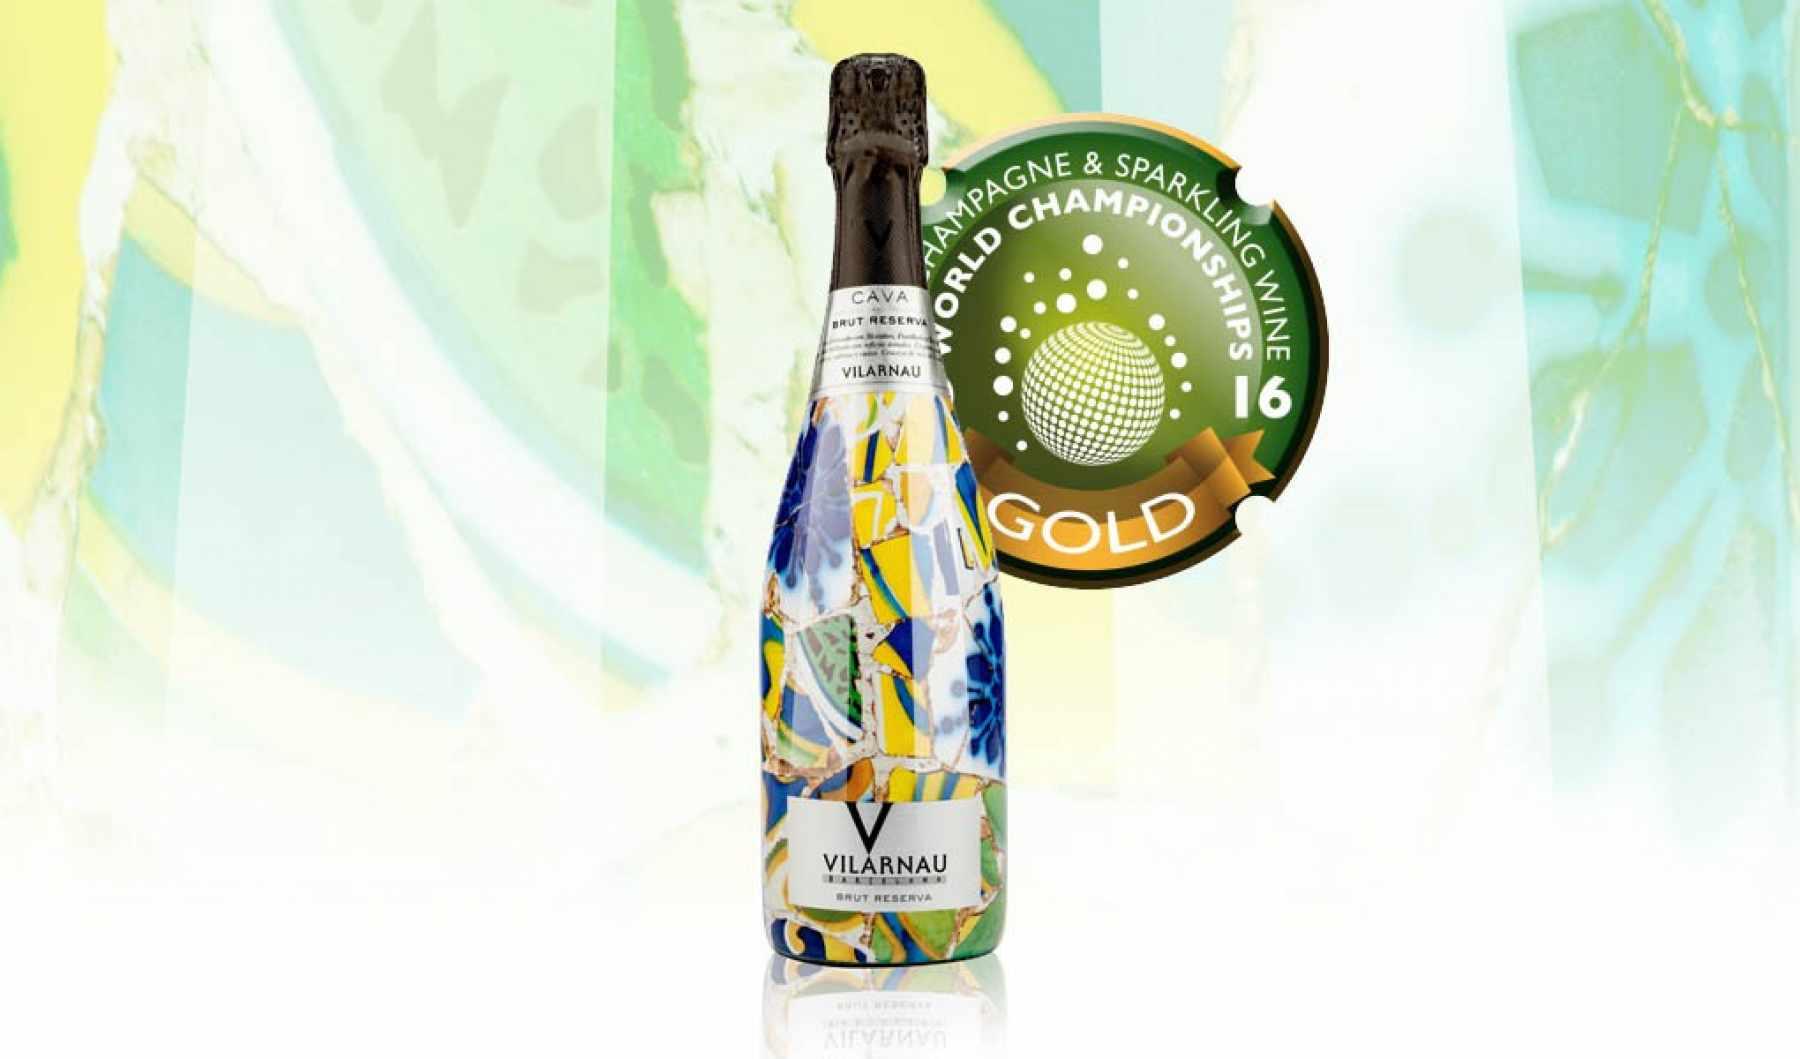 Gold Medal Vilarnau Brut Reserva Champagne & Sparkling Wine World Championships 2016